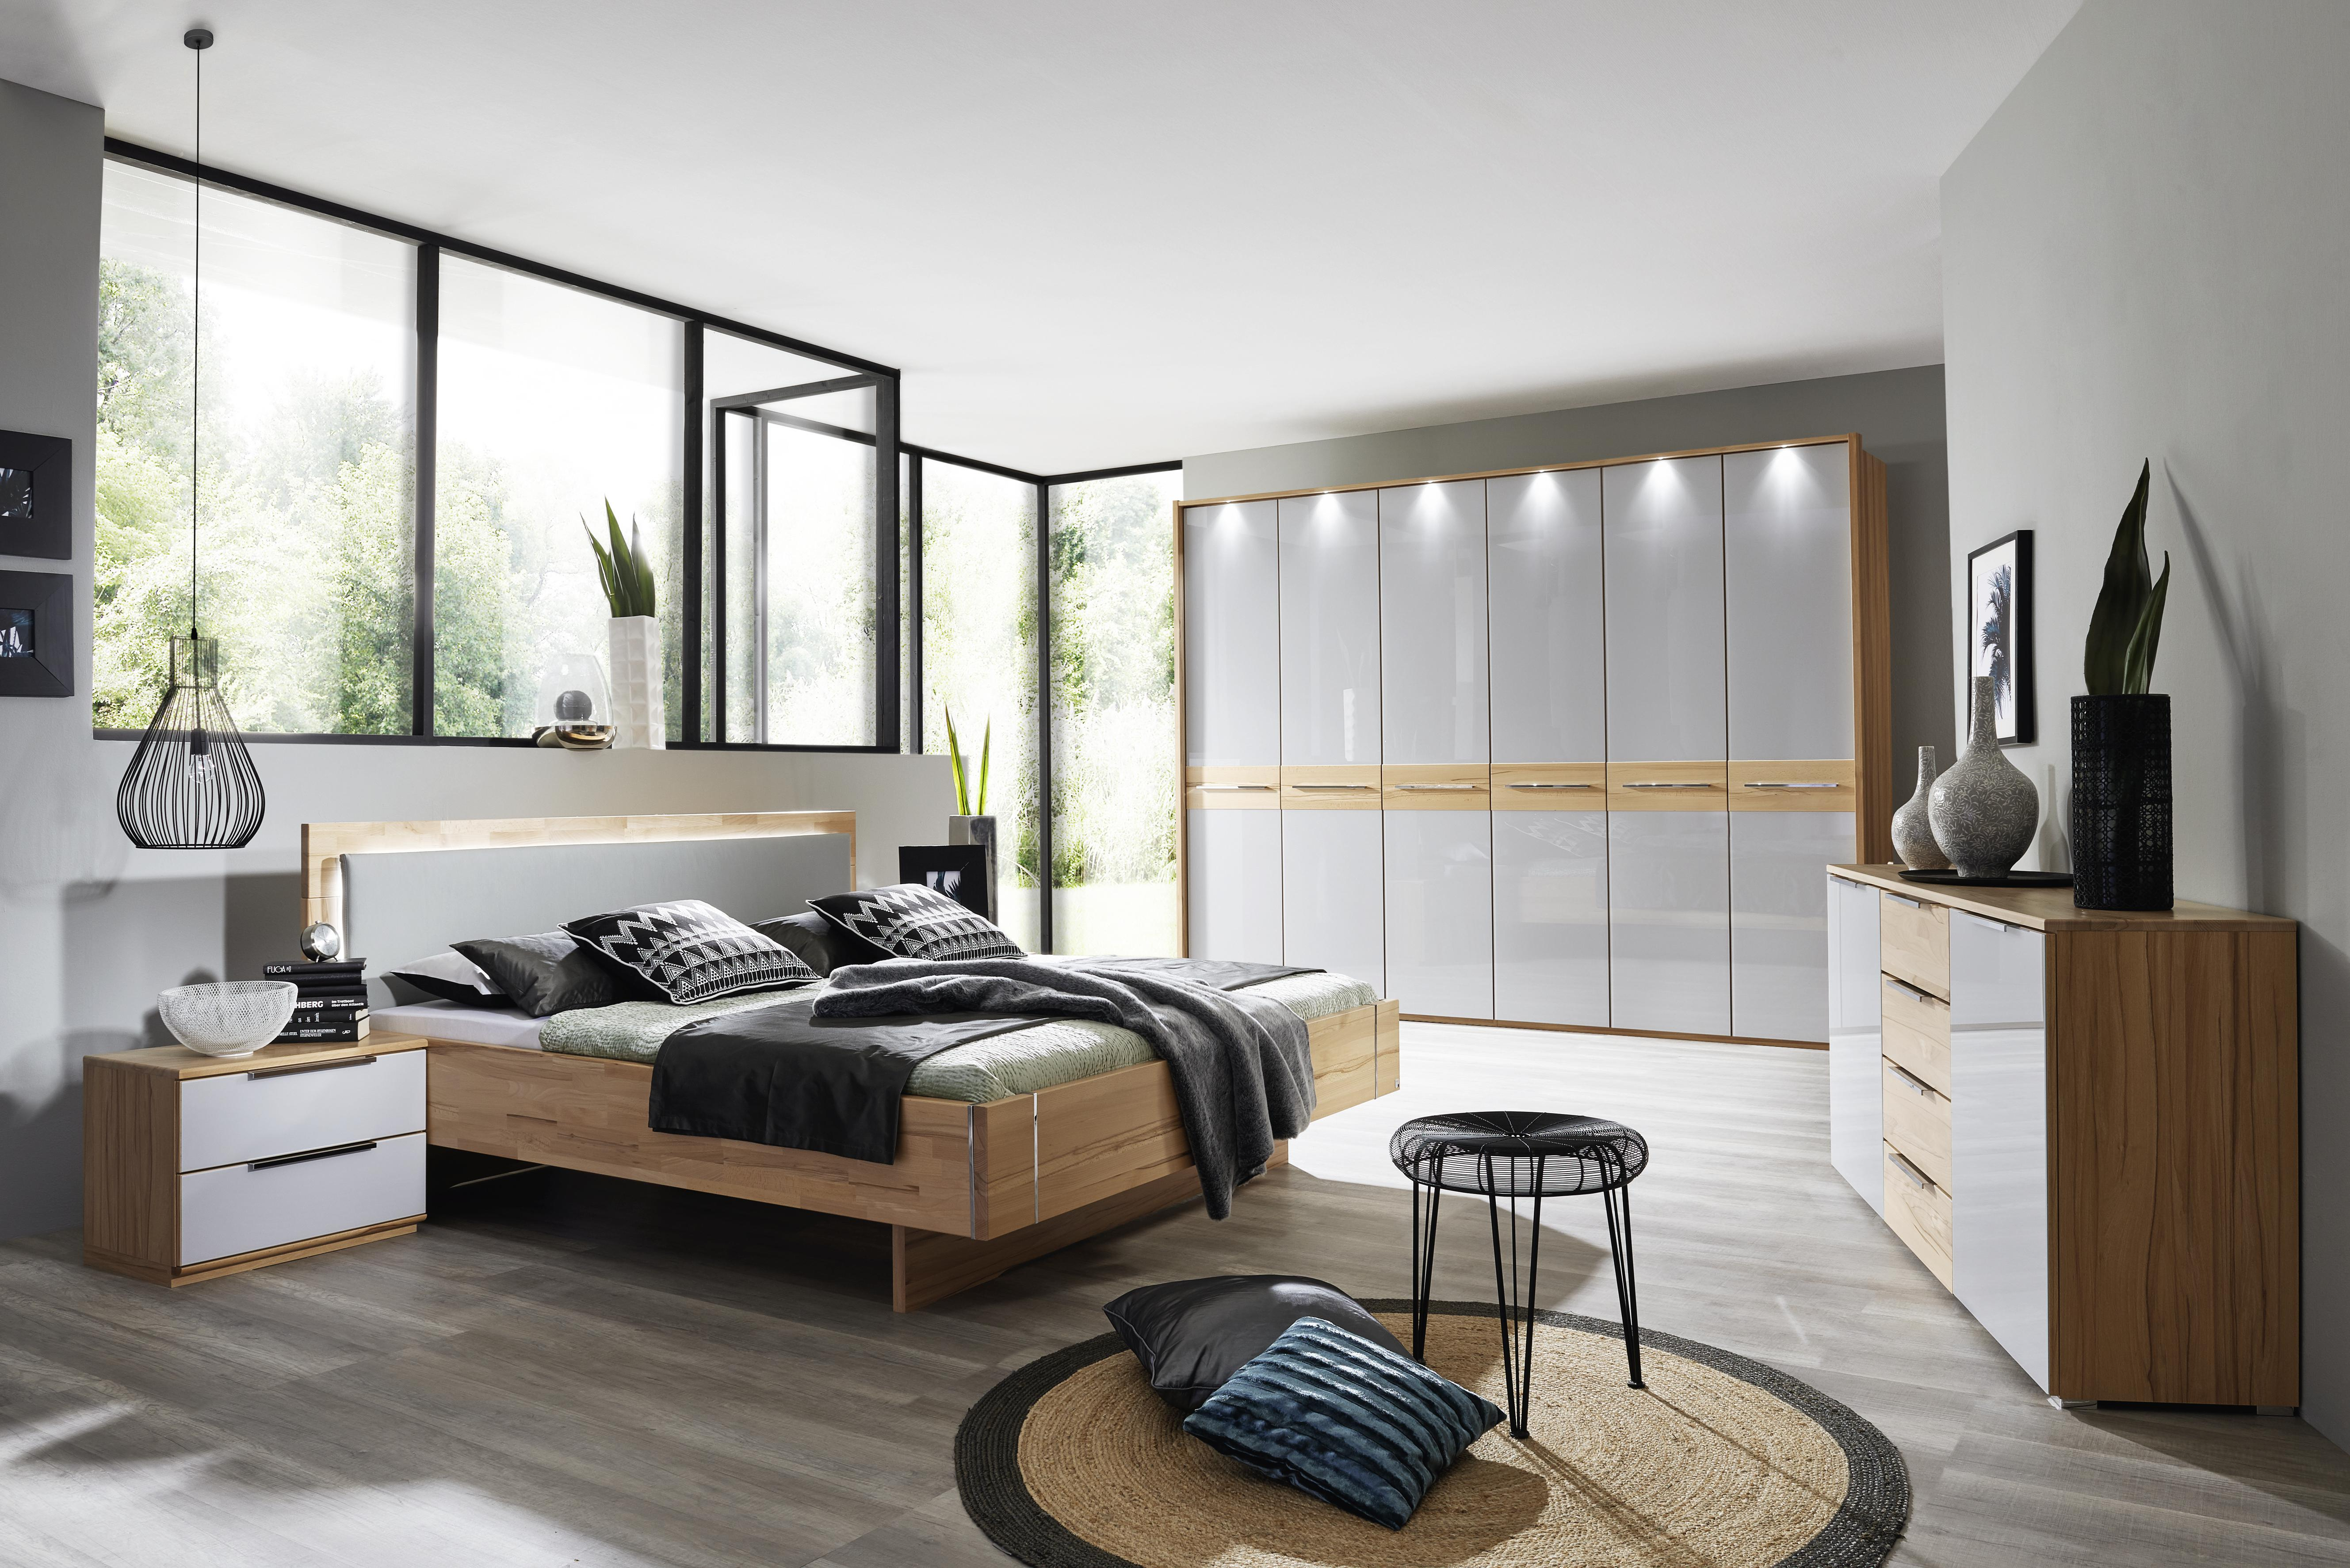 kleiderschrank mit 6 t ren glasfront grau und belechtung. Black Bedroom Furniture Sets. Home Design Ideas